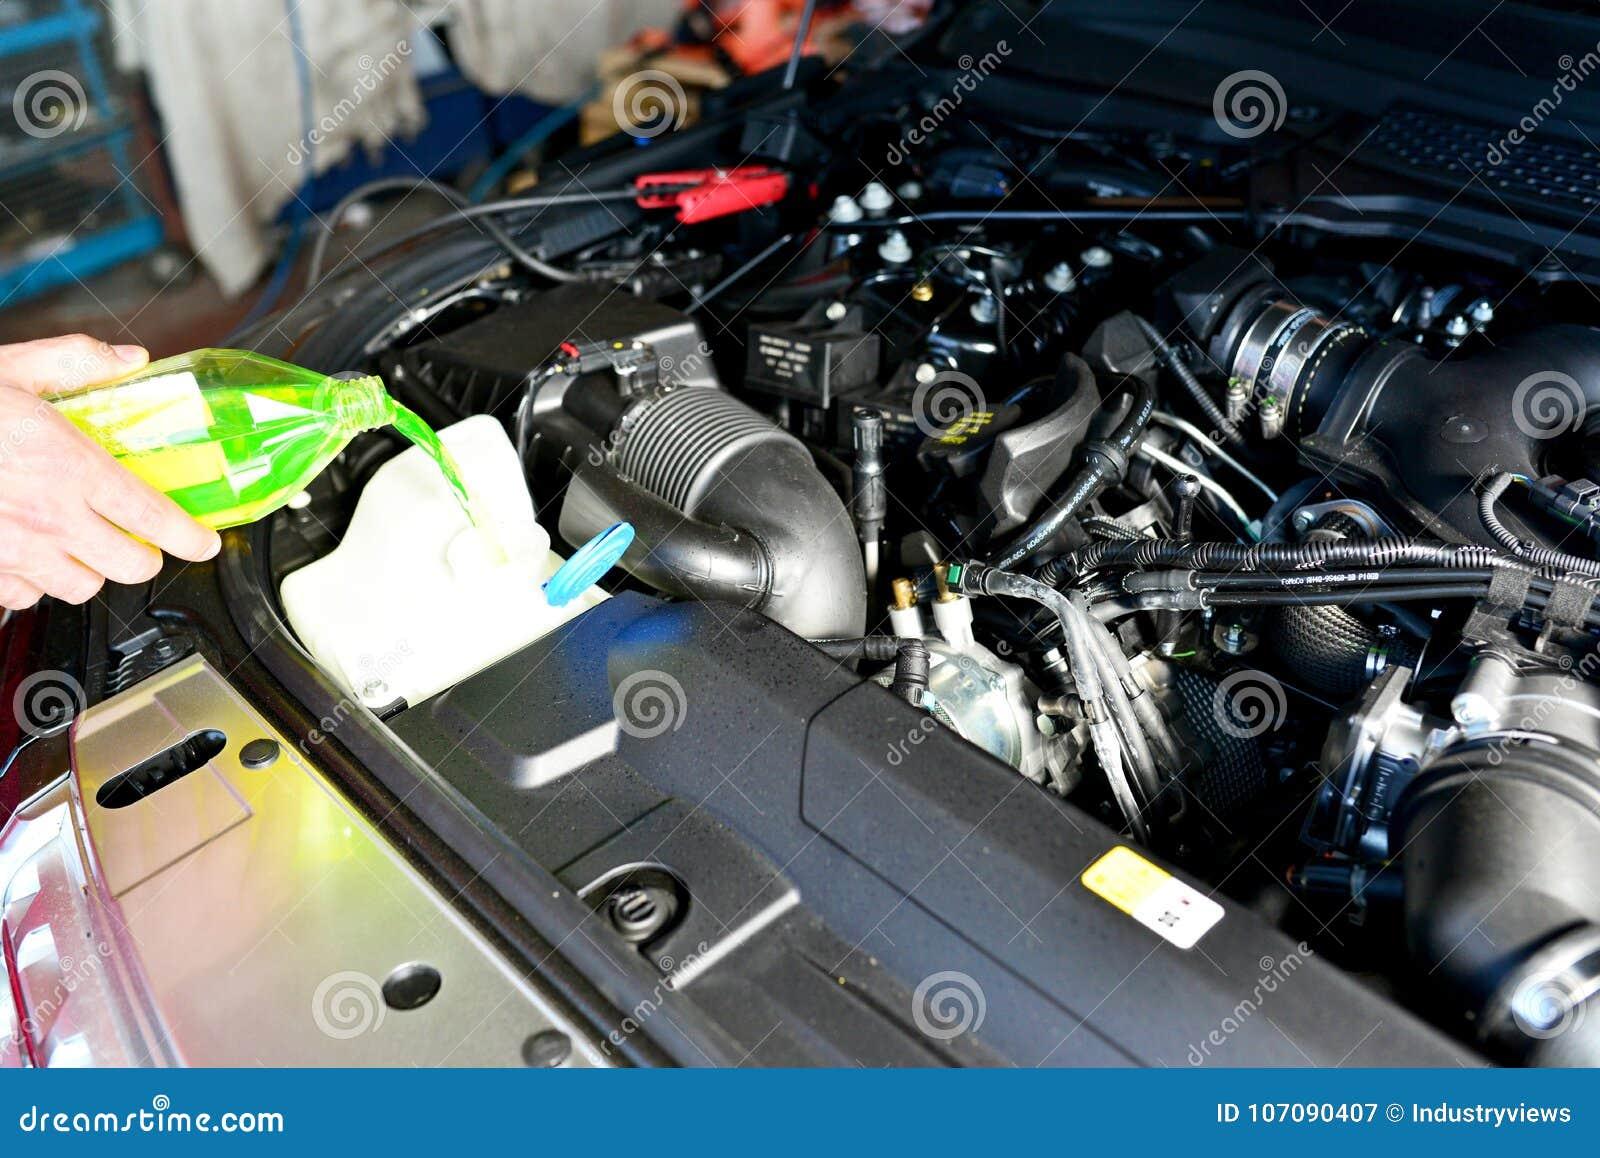 El mecánico de coche cambia el líquido refrigerador en el vehículo